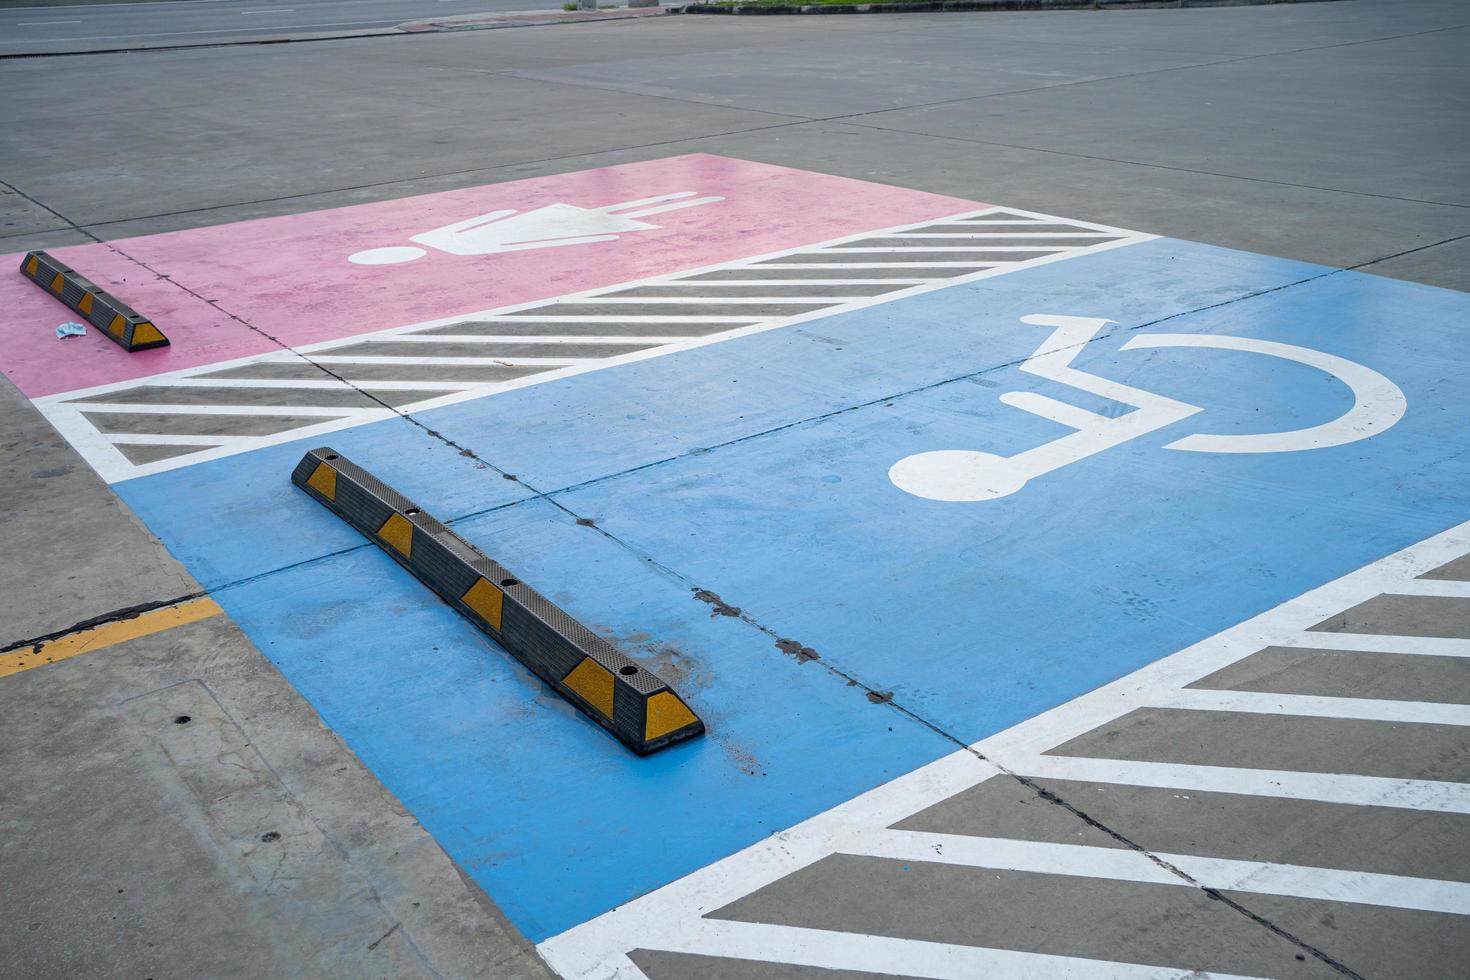 blaues Handicap beim Parken von Autos im Freien für Behinderte, Rollstuhlfahrer oder ältere Menschen oder Menschen, die sich nicht selbst helfen können foto